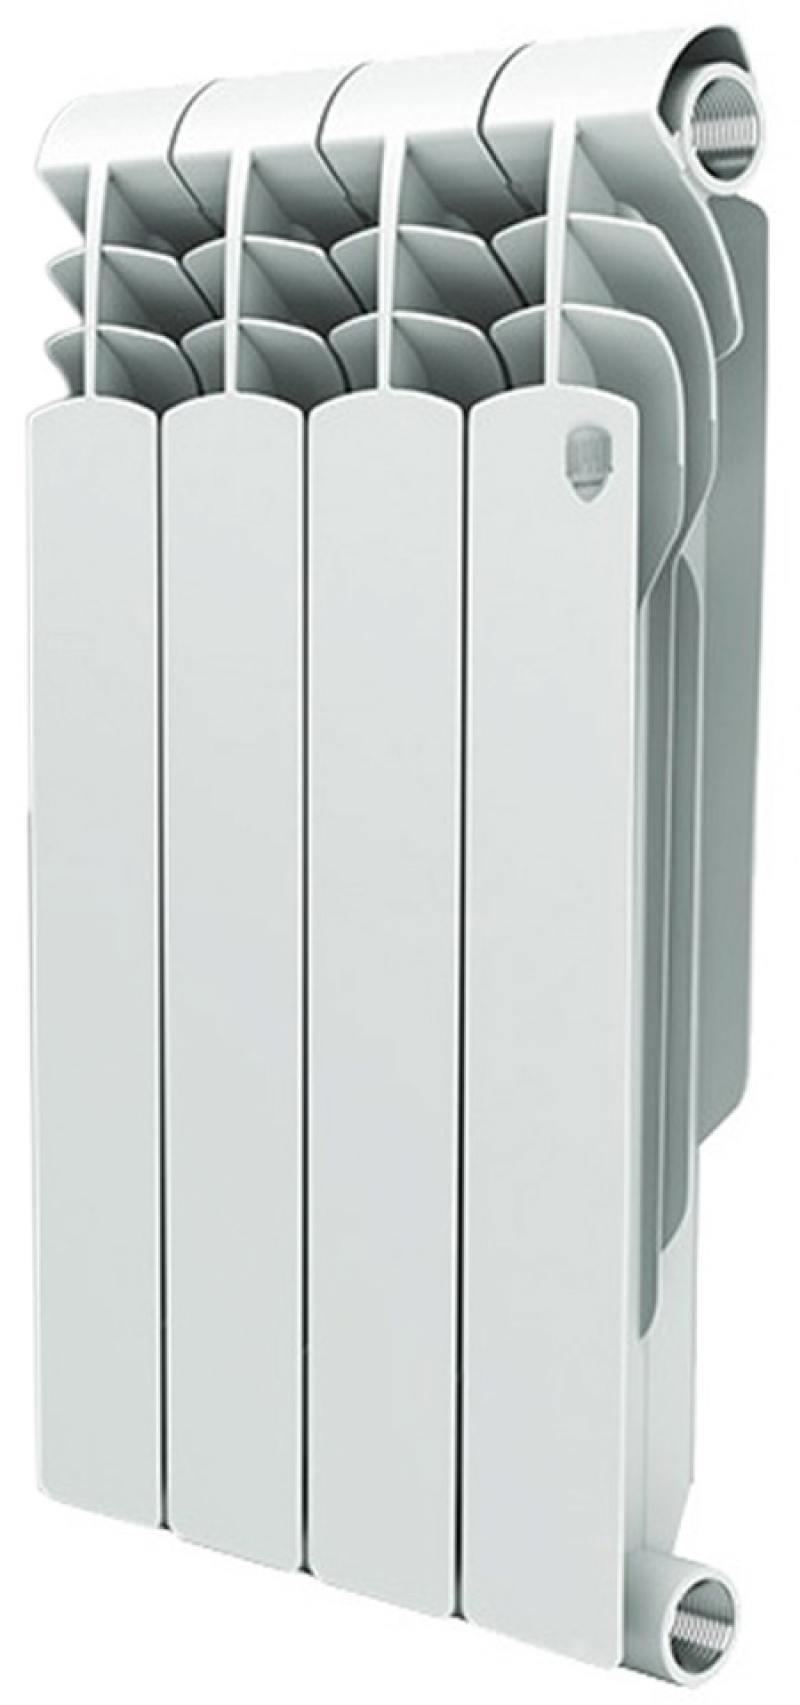 Радиатор Royal Thermo Vittoria 500 4 секции радиатор royal thermo dreamliner 500 6 секц радиатор алюминиевый